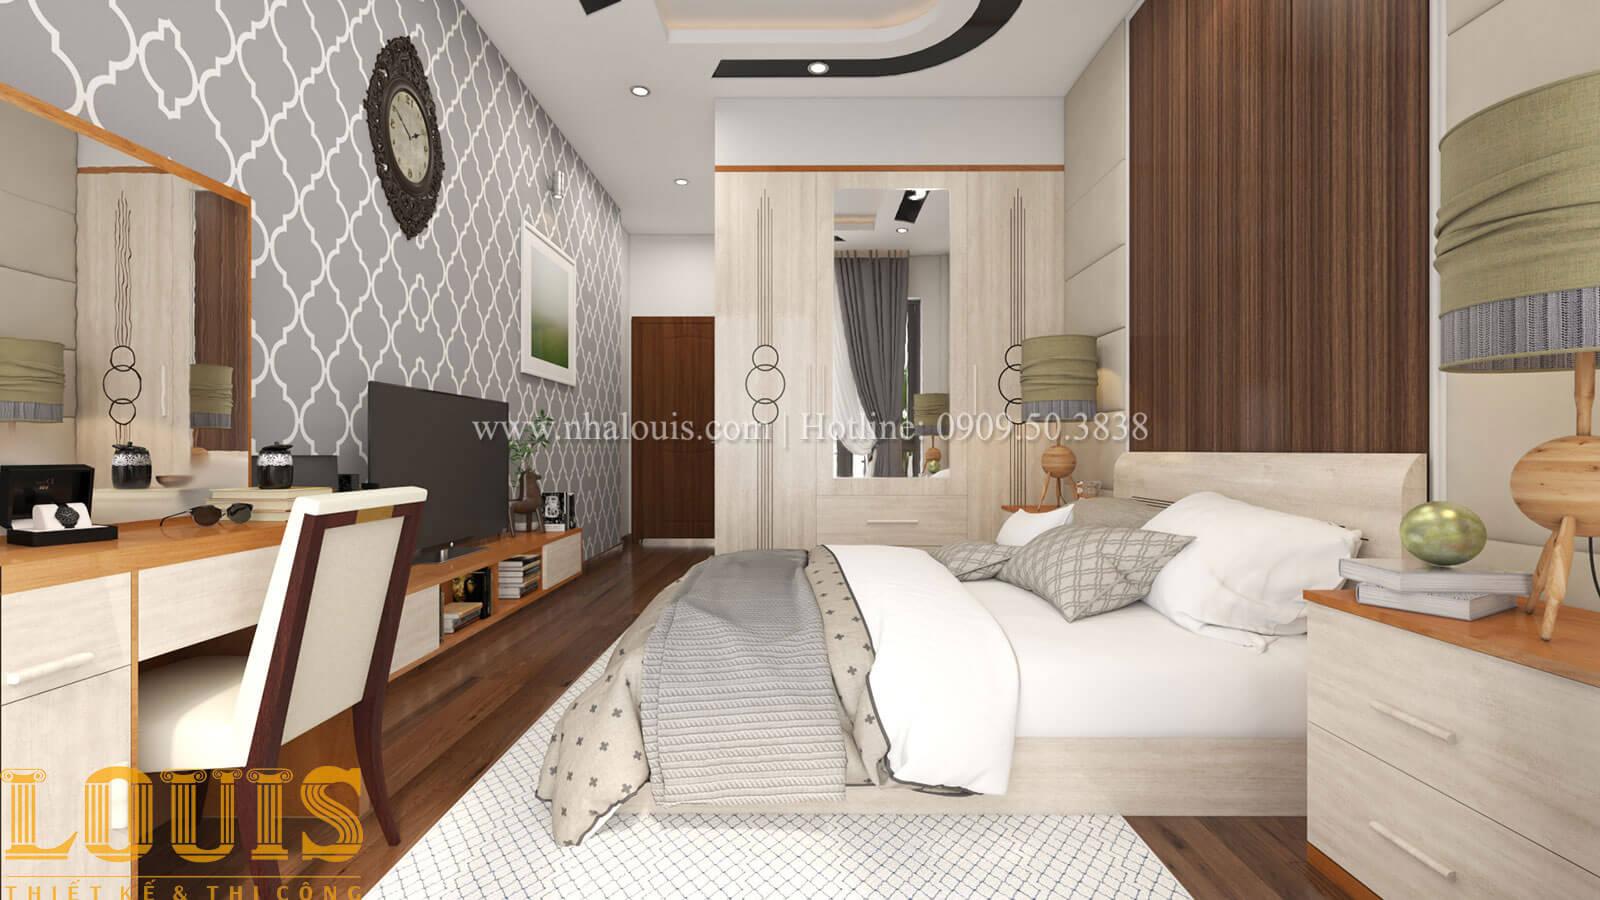 Phòng ngủ ông bà Mẫu nhà 5 tầng đẹp hiện đại với thiết kế tối giản tại Tân Bình - 18